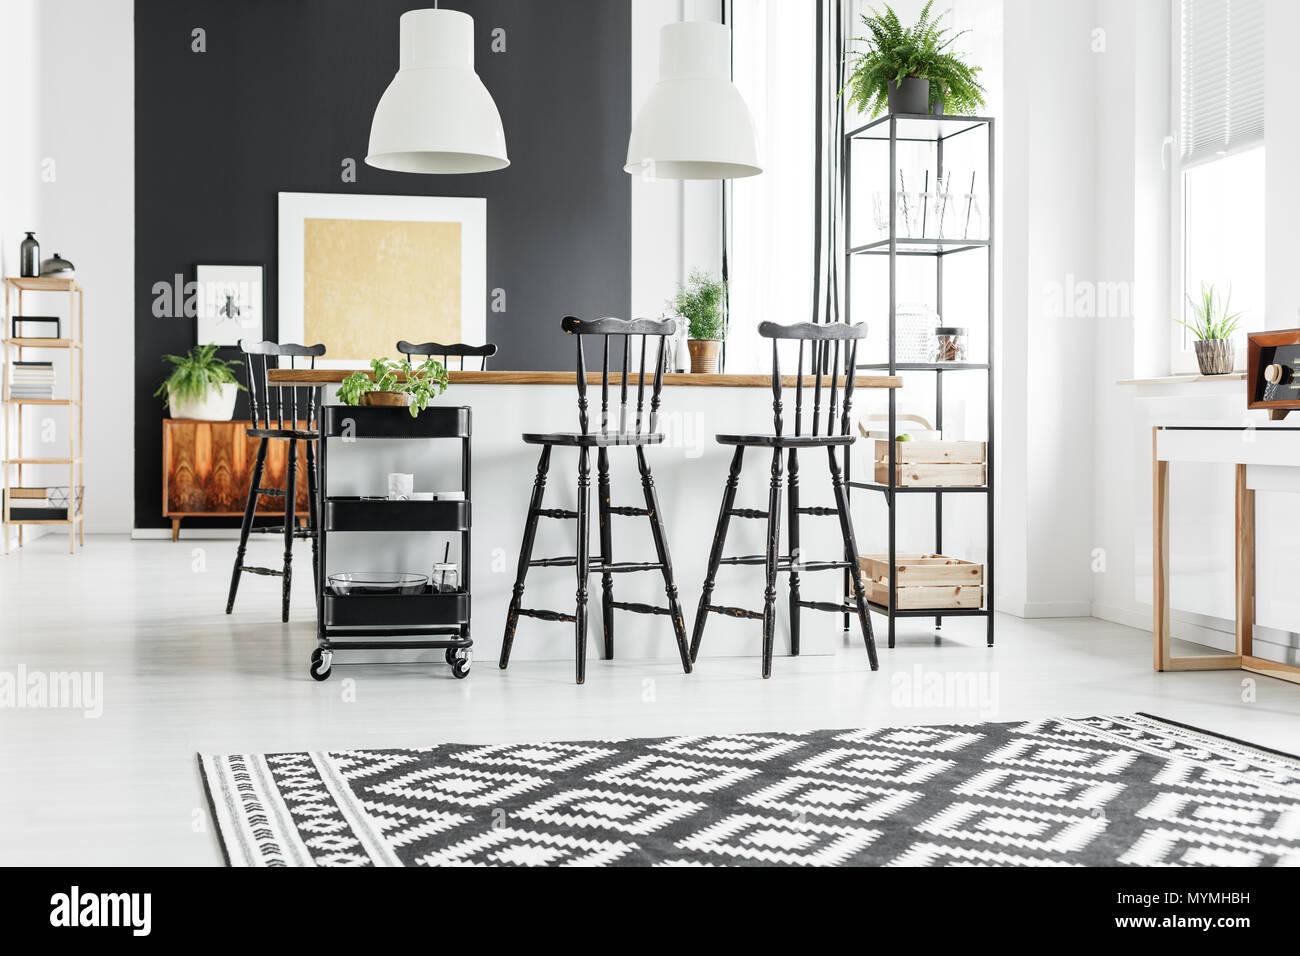 Bianco e nero tappeto geometrico in cucina rustica con sgabelli da